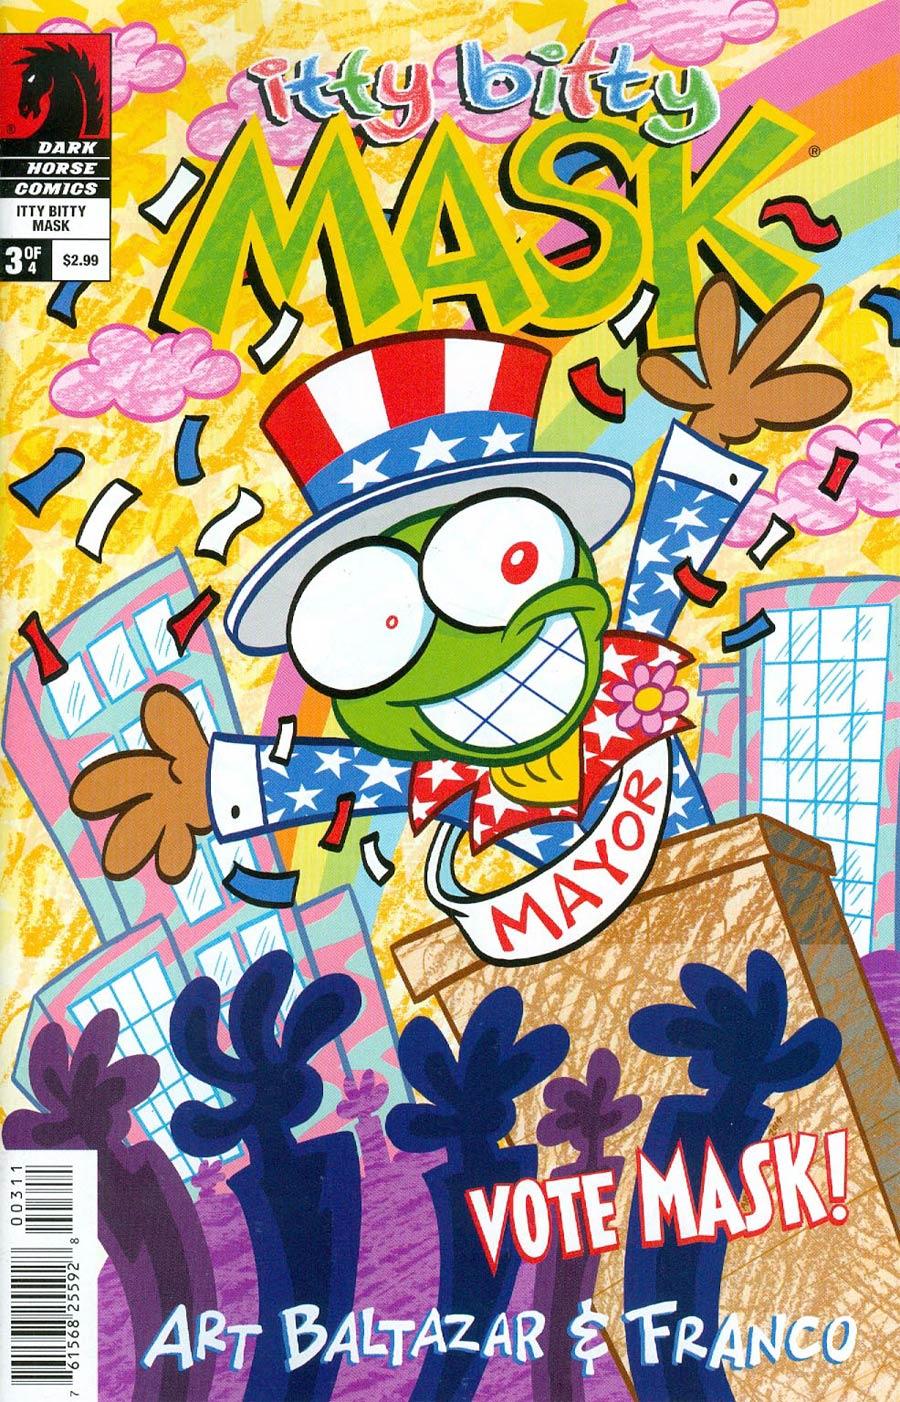 Itty Bitty Comics The Mask #3